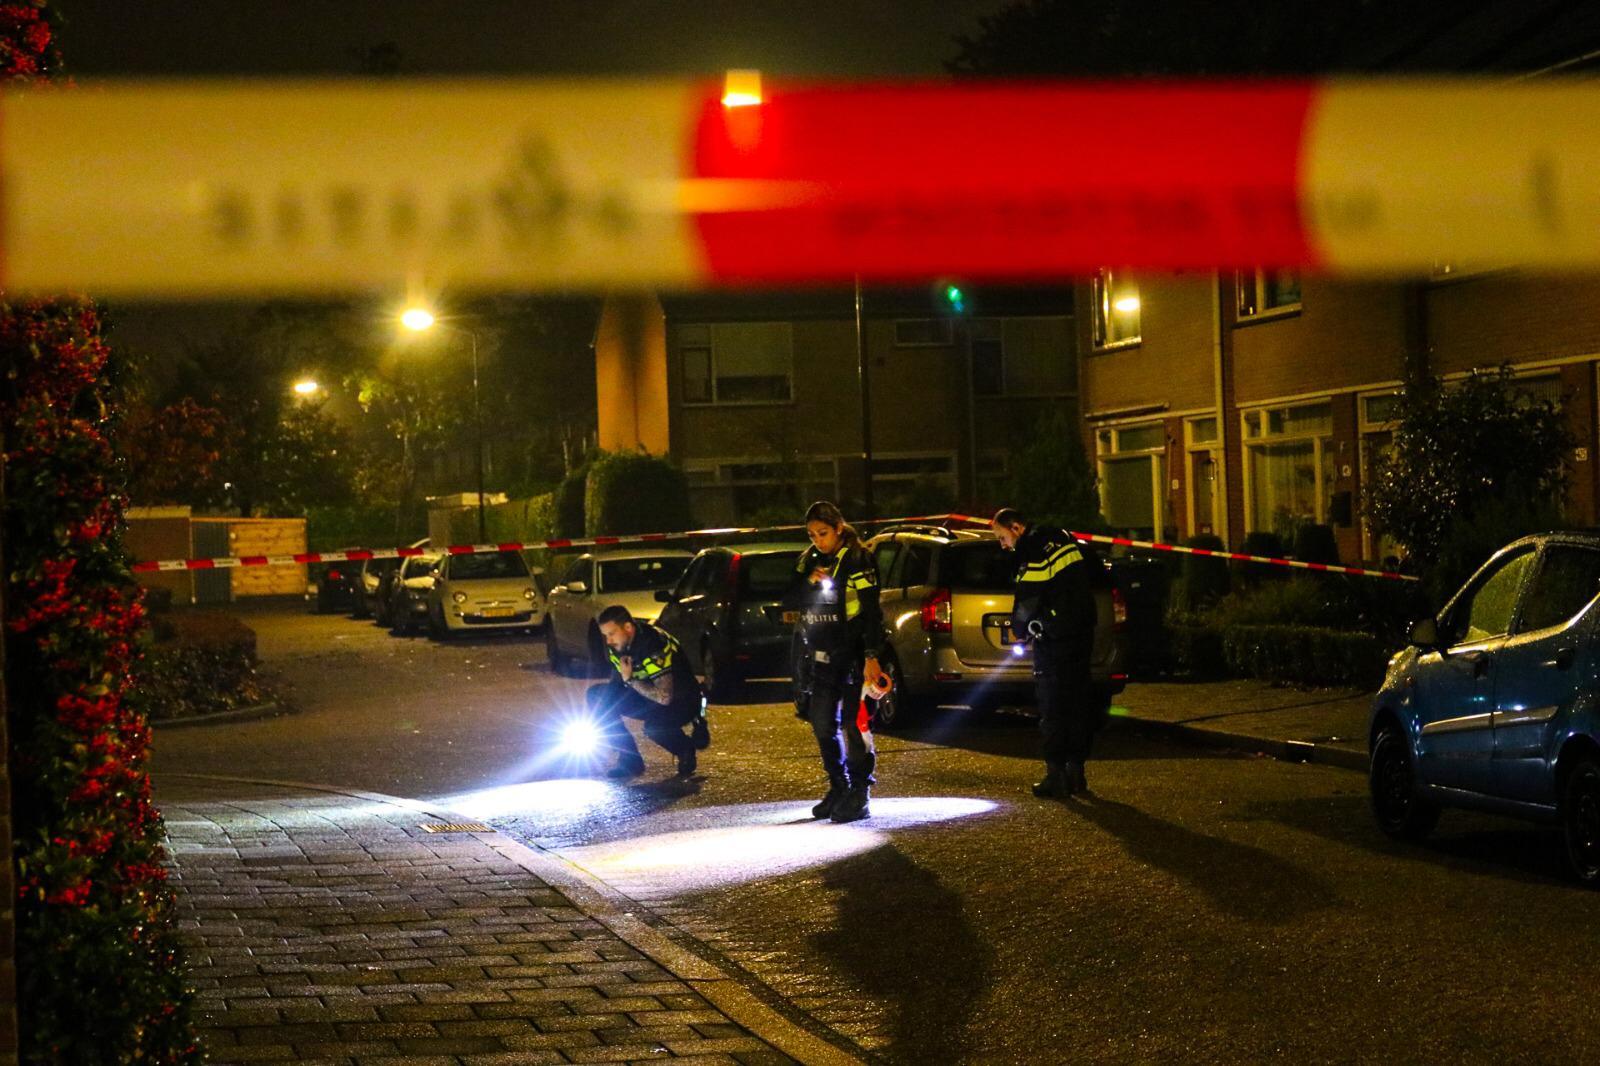 Schietpartij in Apeldoorn; daders onbekend